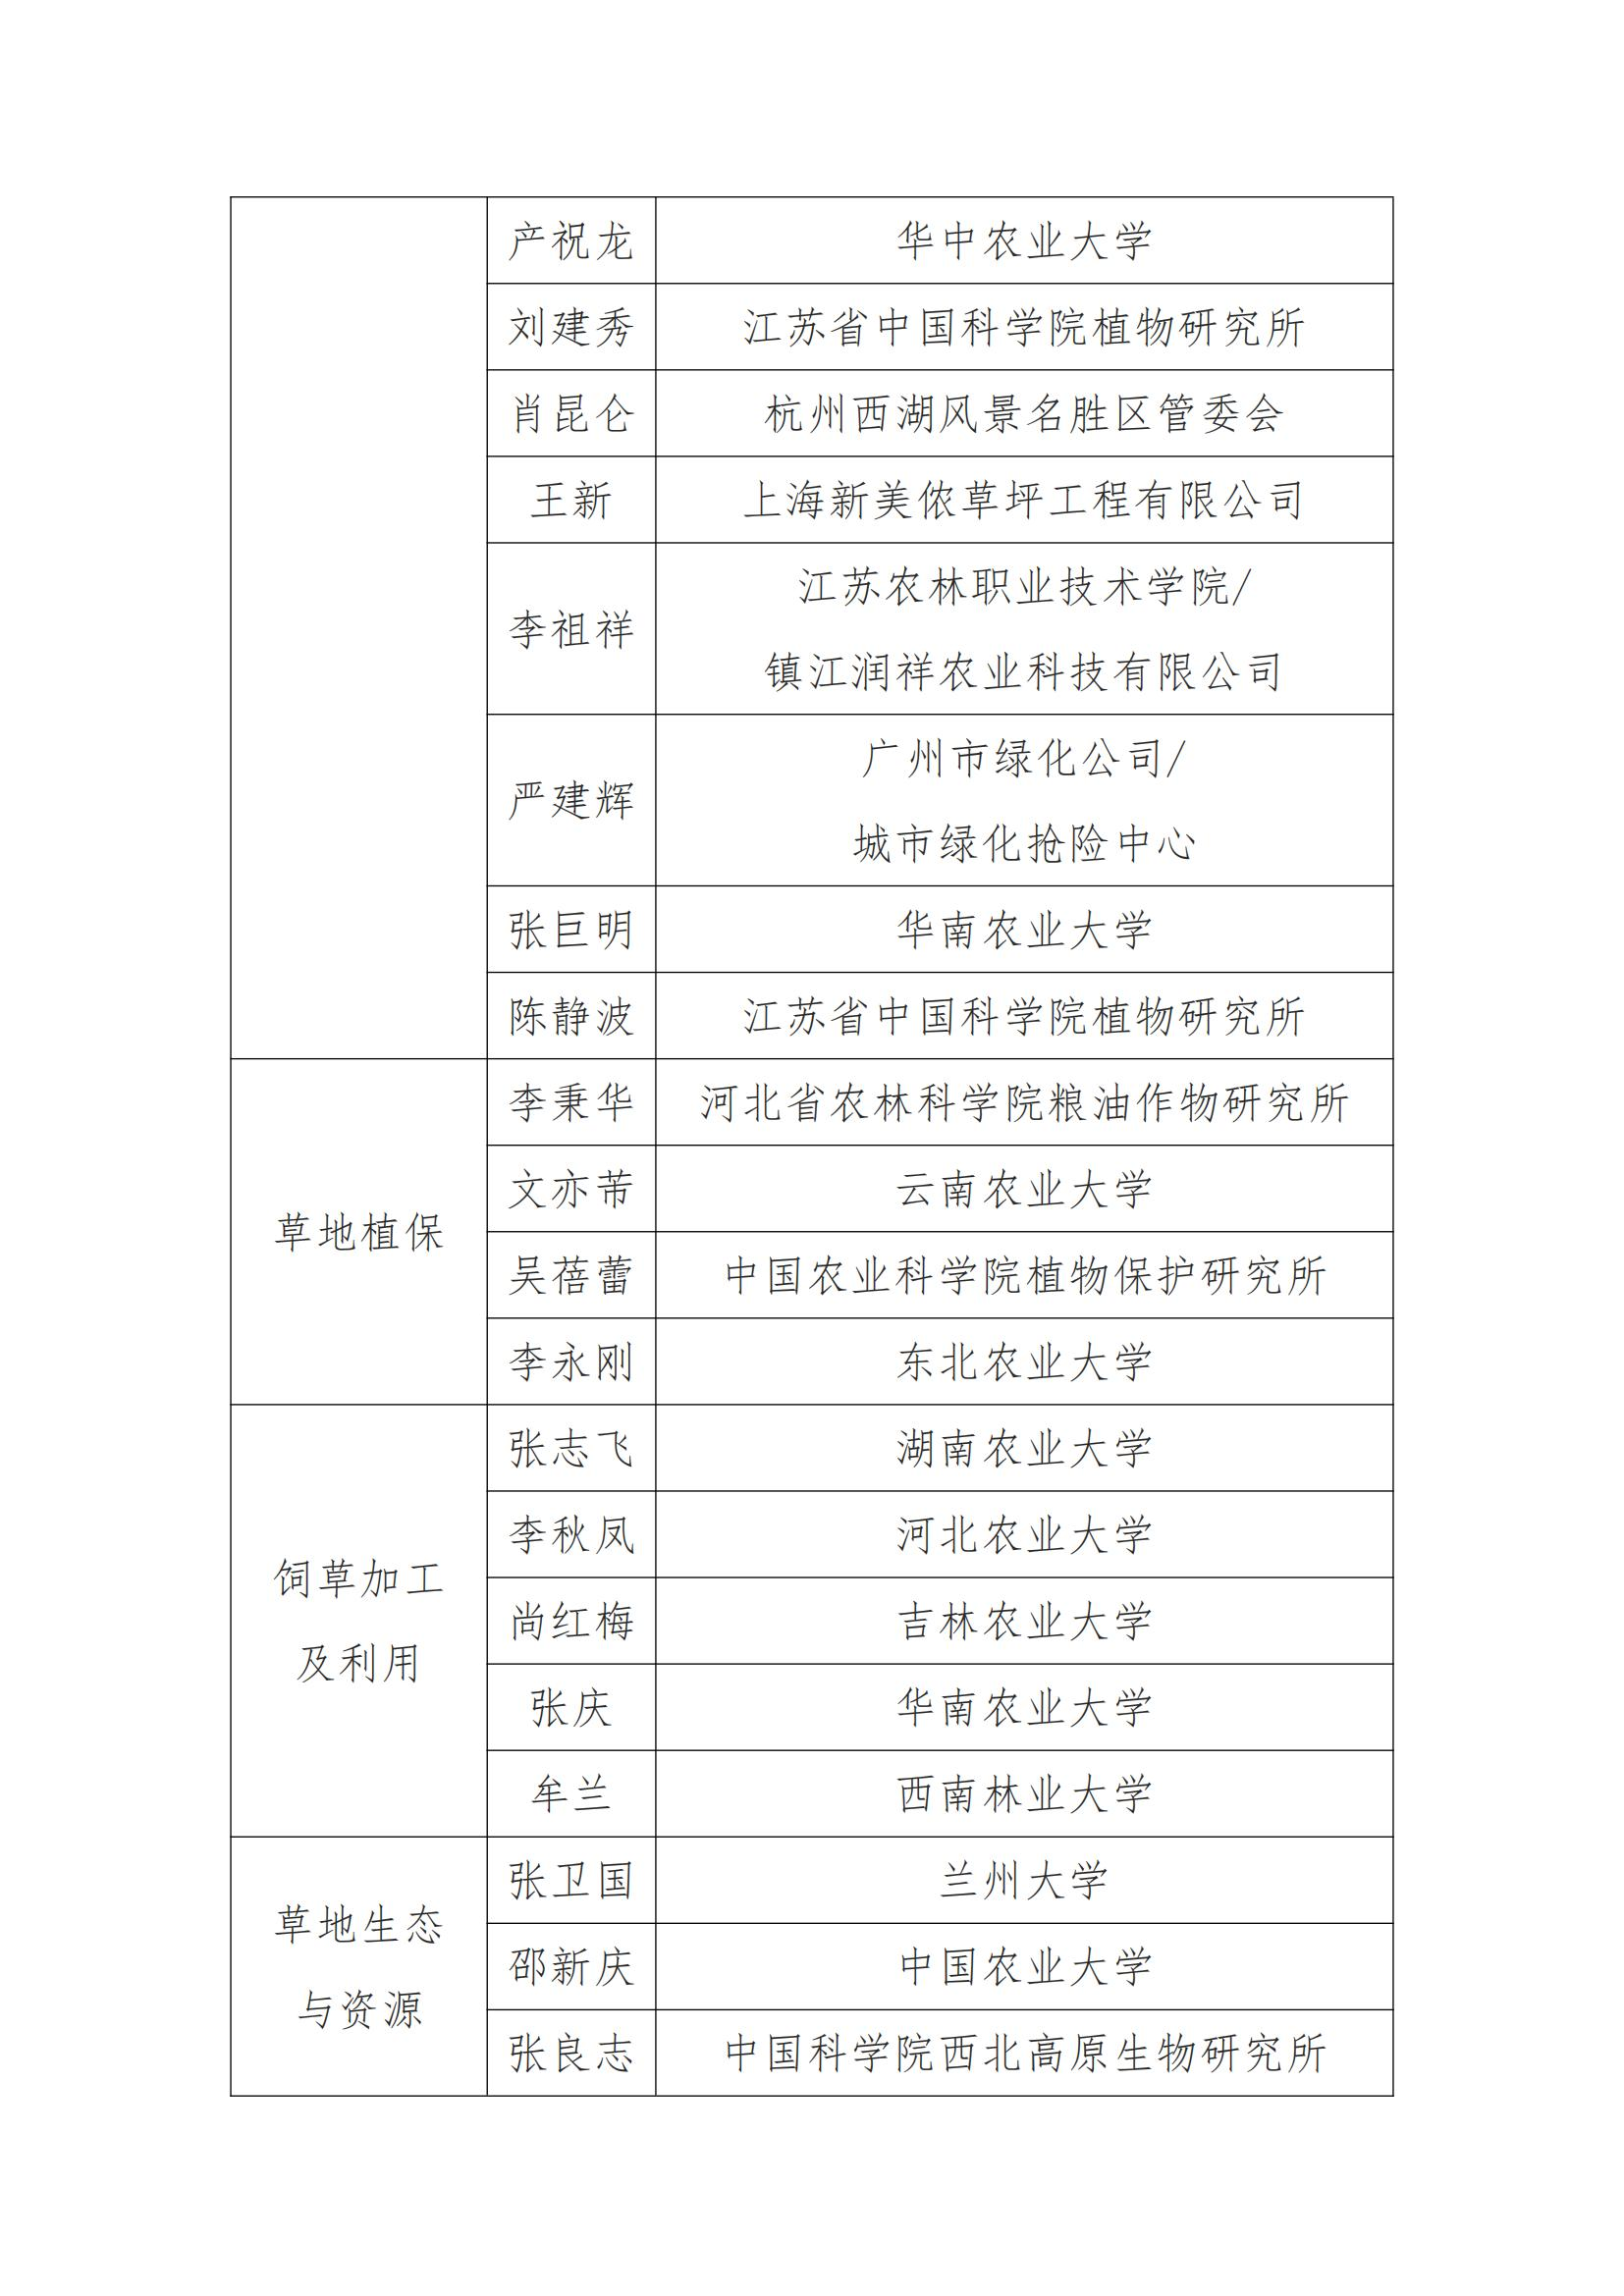 关于公布中国草学会第一批资深咨询和科普培训专家名单的通知_02.jpg